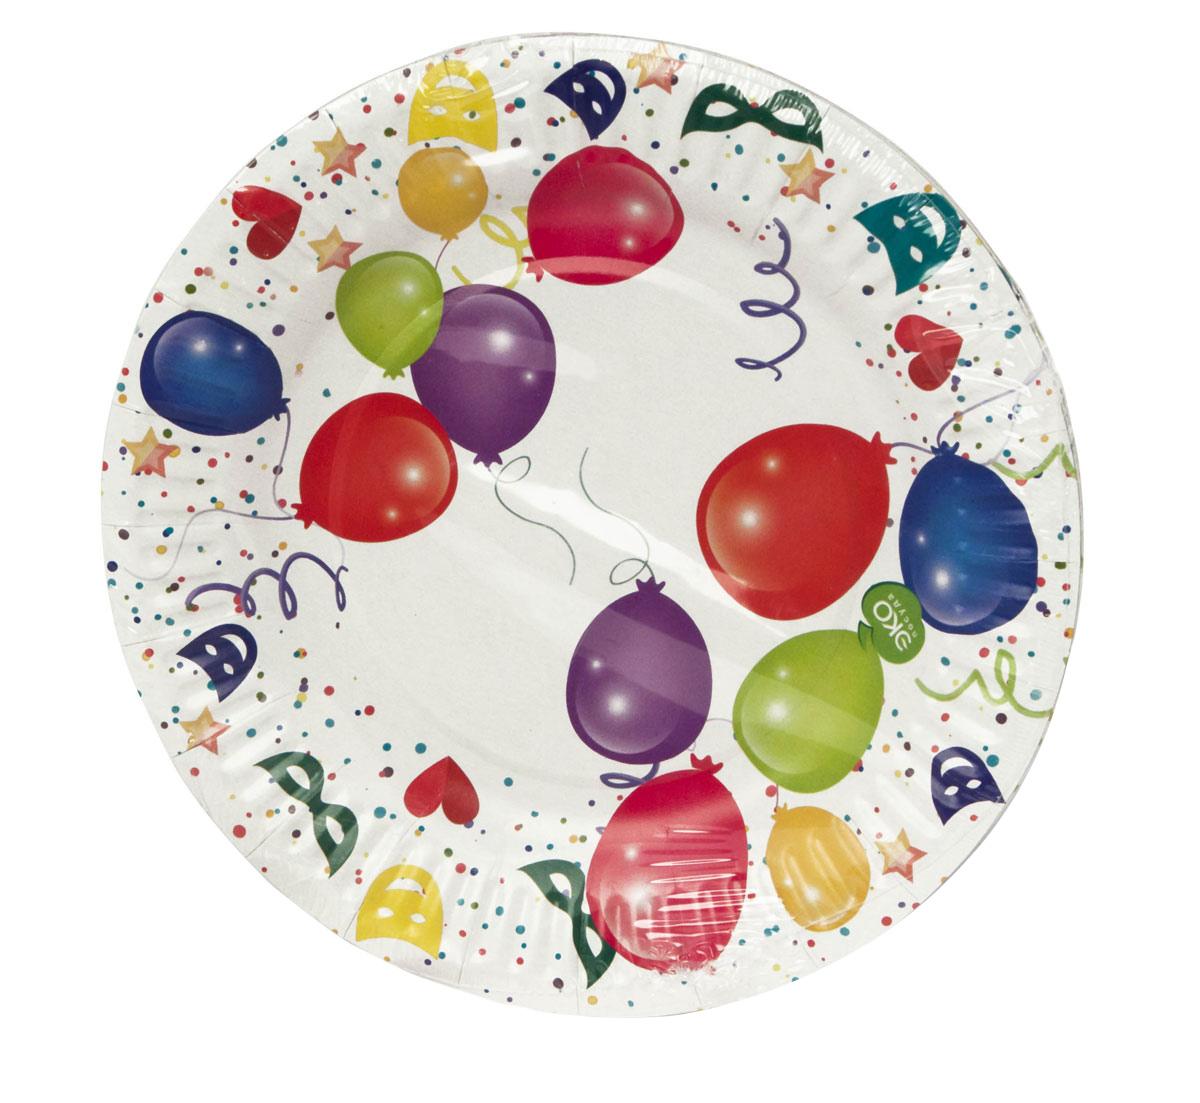 """Набор тарелок Paterra """"Детский праздник"""" состоит из 6 тарелок и предназначен для украшения и сервировки праздничного стола к детскому празднику. Пригодны для горячих блюд. Тарелки прочные, благодаря качеству и высокой плотности используемой при их изготовлении бумаги.Тарелки Paterra """"Детский праздник"""" декорированы ярким дизайном. Они украсят любой детский праздник.Диаметр тарелки: 18 см.Количество в упаковке: 6 шт."""